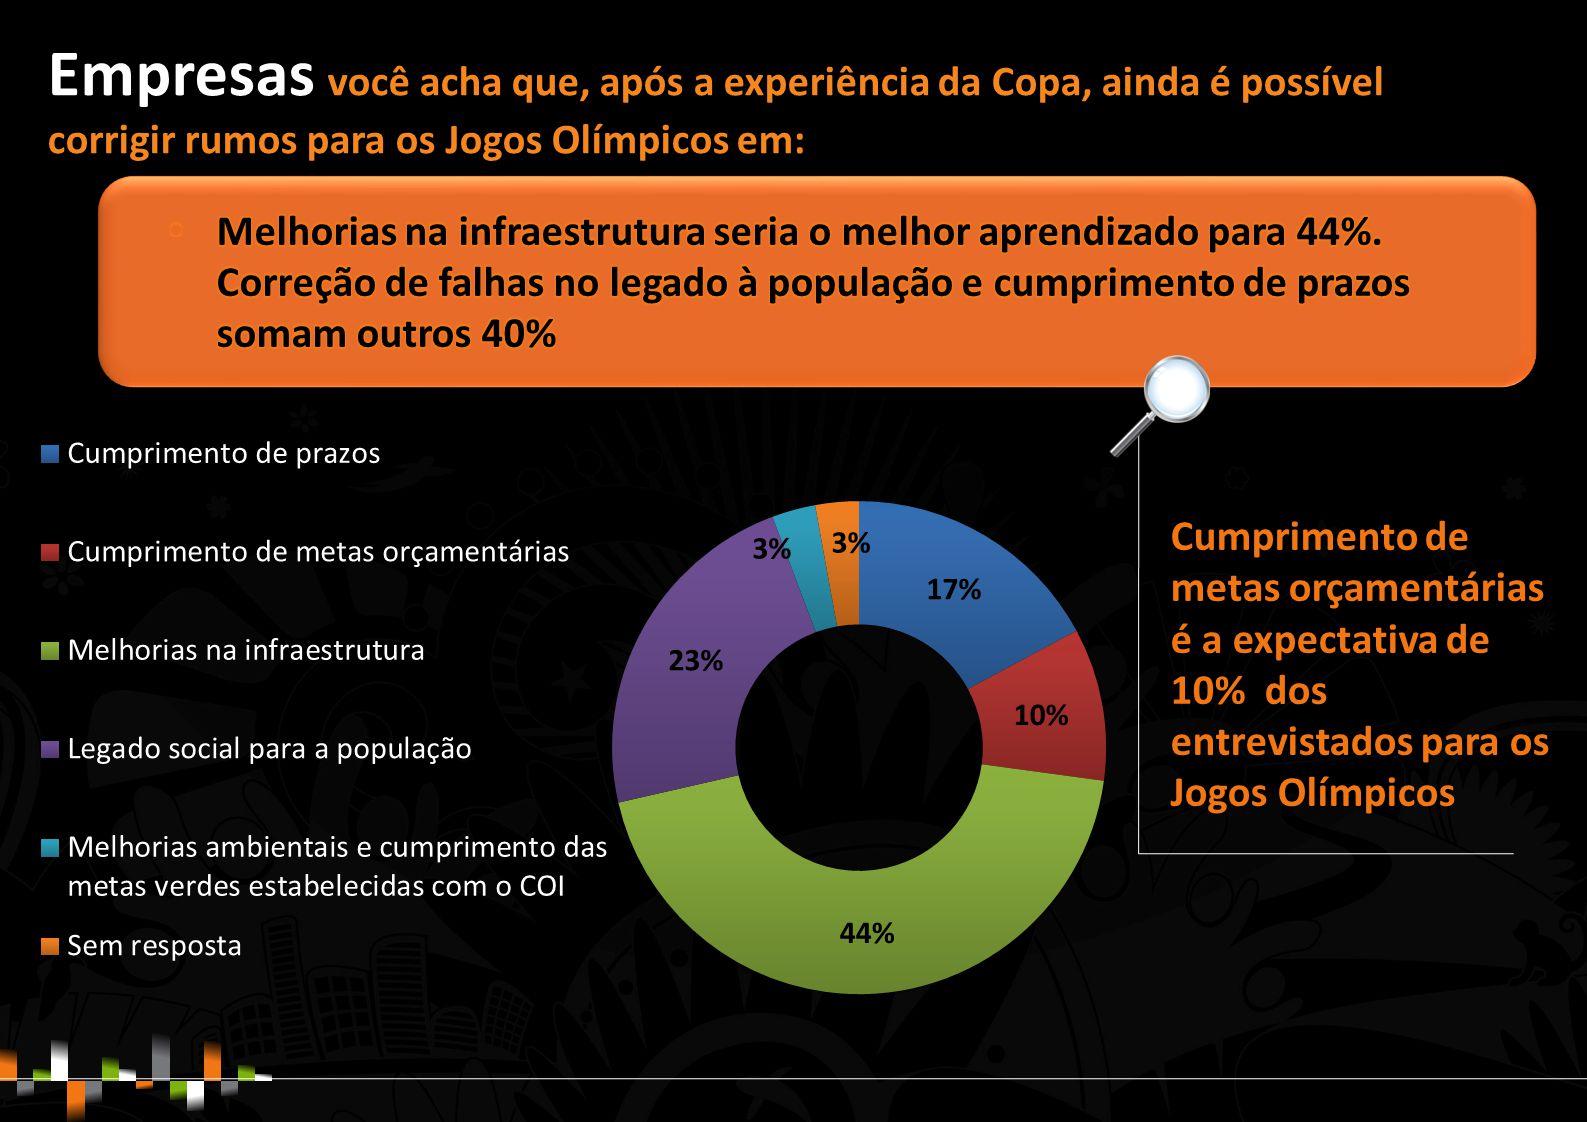 Cumprimento de metas orçamentárias é a expectativa de 10% dos entrevistados para os Jogos Olímpicos Empresas você acha que, após a experiência da Copa, ainda é possível corrigir rumos para os Jogos Olímpicos em: